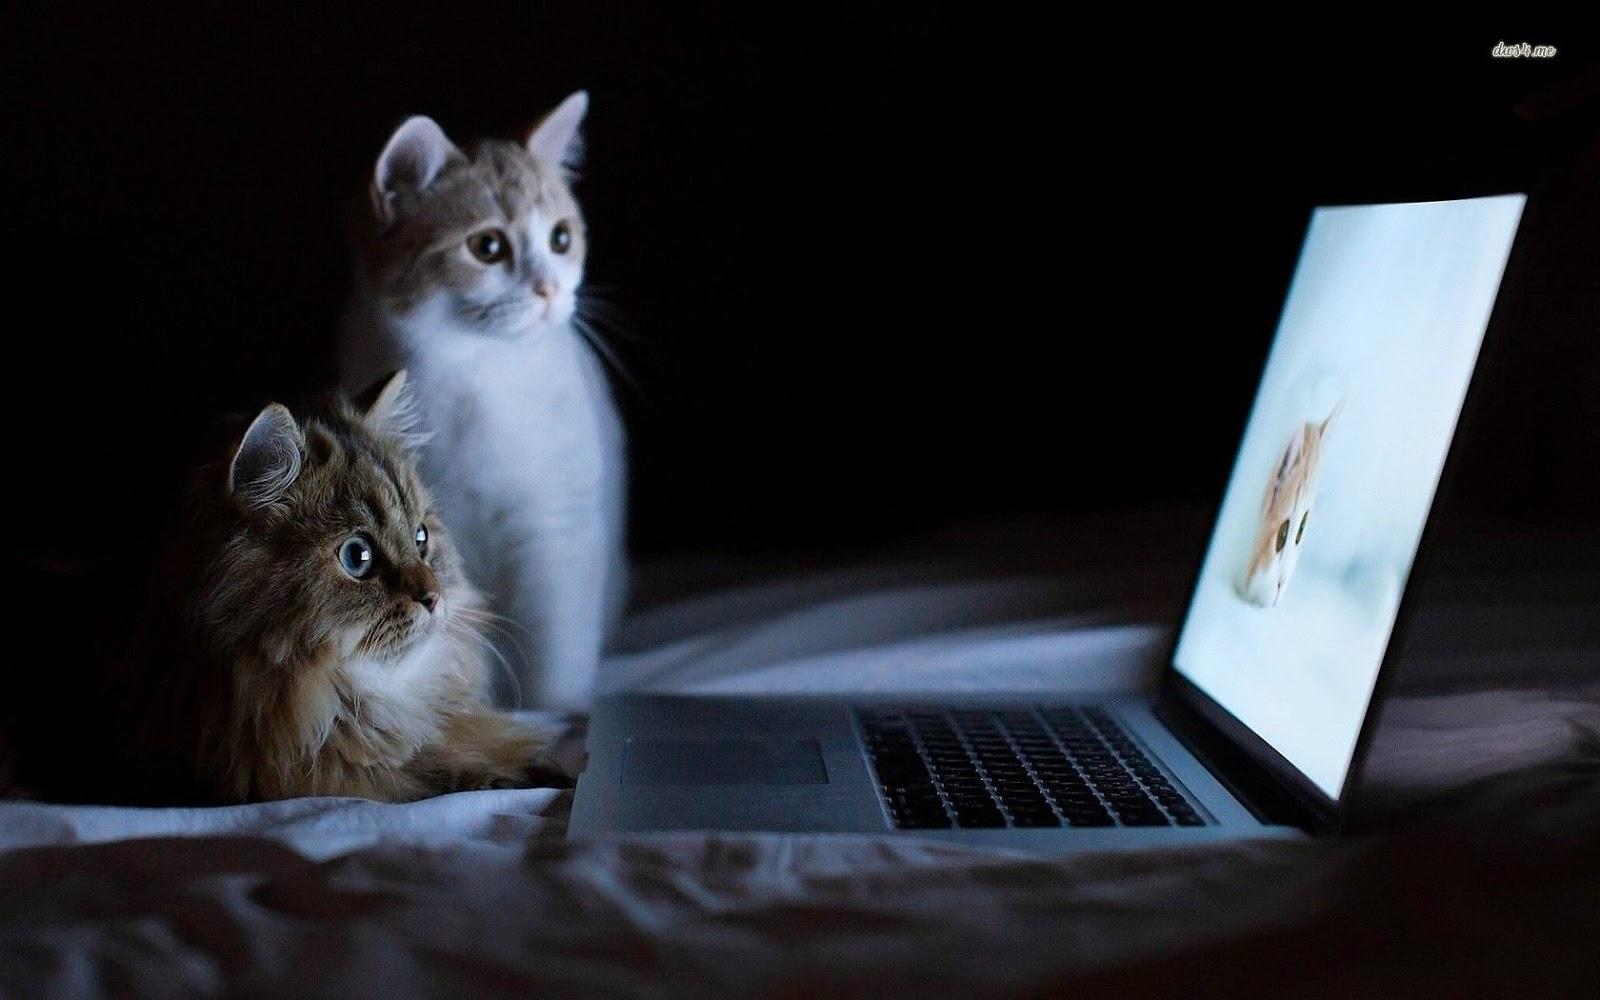 إنتبه قبل ان تشتري ! ليست جميع الحواسيب المحمولة هي عبارة عن لابتوب تعرف على الفرق بين Laptop و Notebok وultrabook و netbook 16794-cats-watching-cats-1680x1050-animal-wallpaper